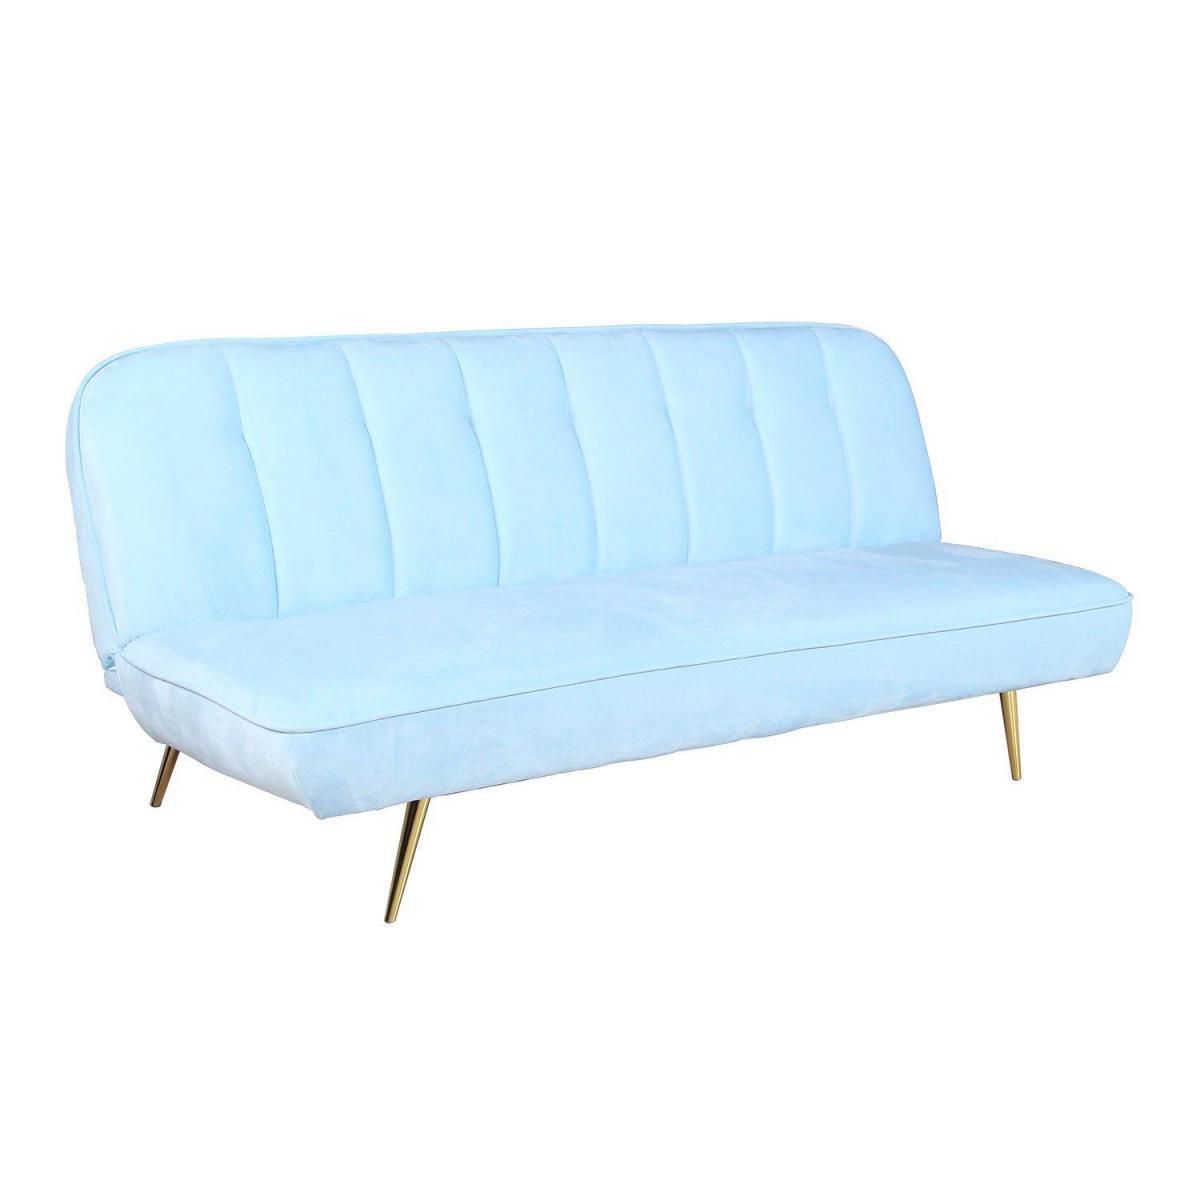 Stylez Canapé velours couleurs bleu ciel